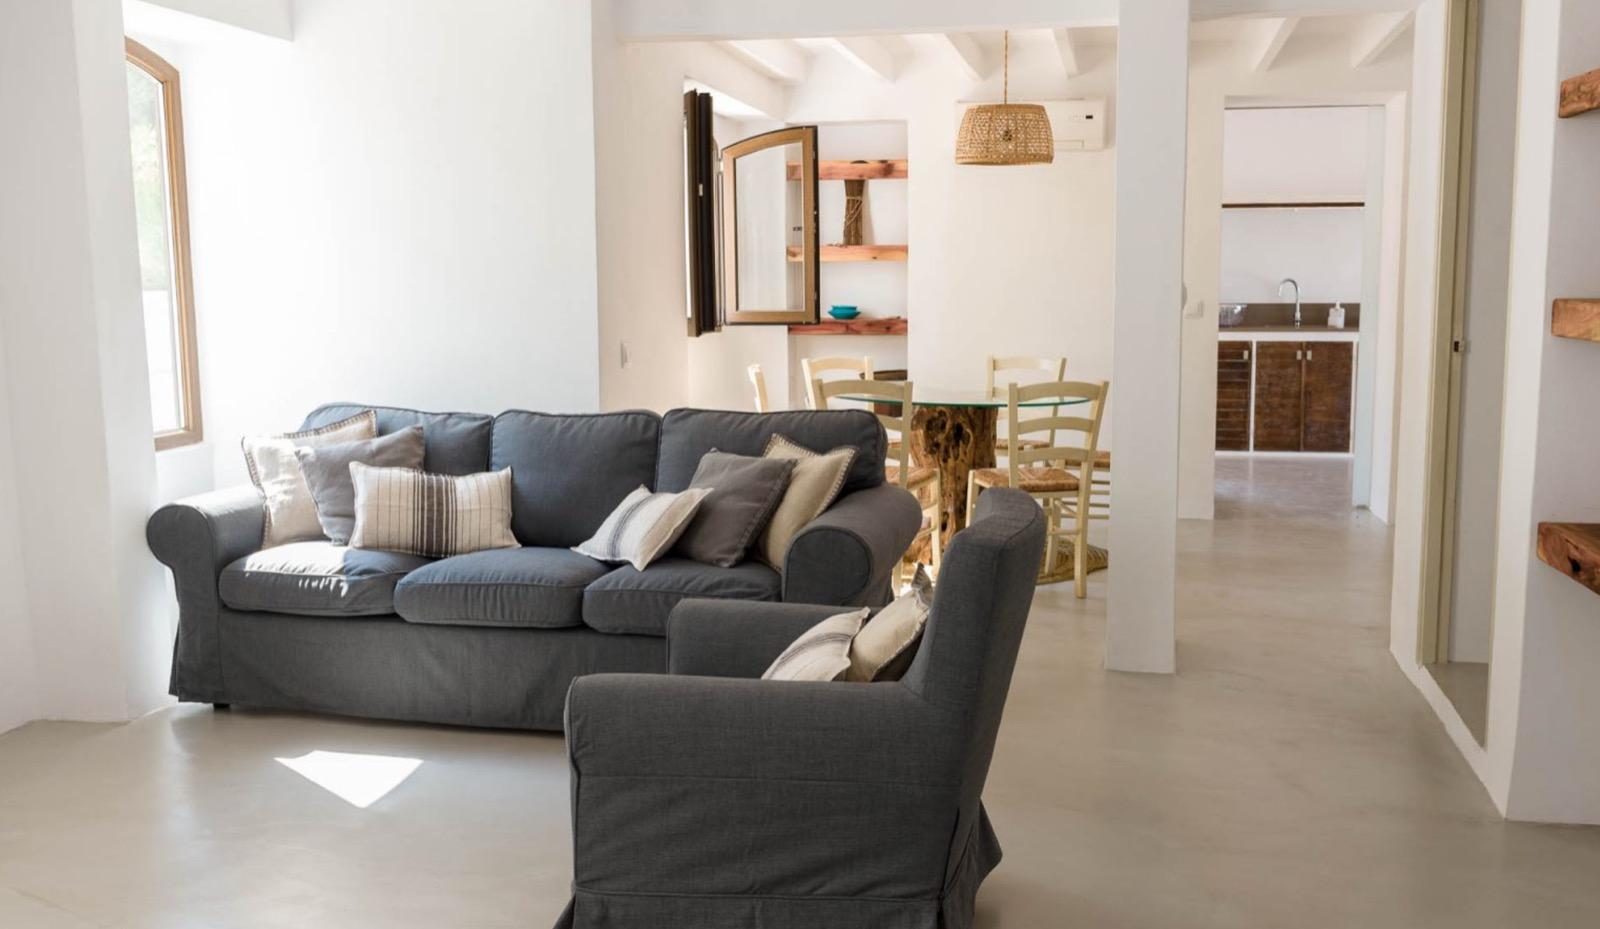 425 villa la salinas iangella ex nuria72652d59-8ce2-4131-8725-bf1aefe0f933